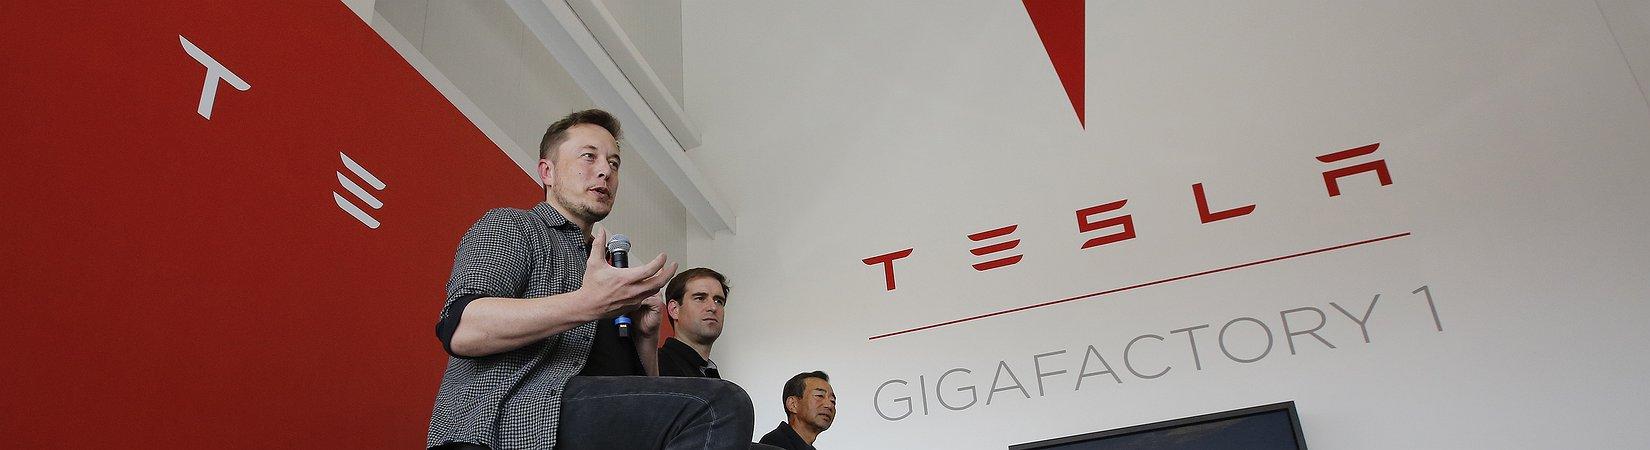 Musk bestätigt die Gerüchte